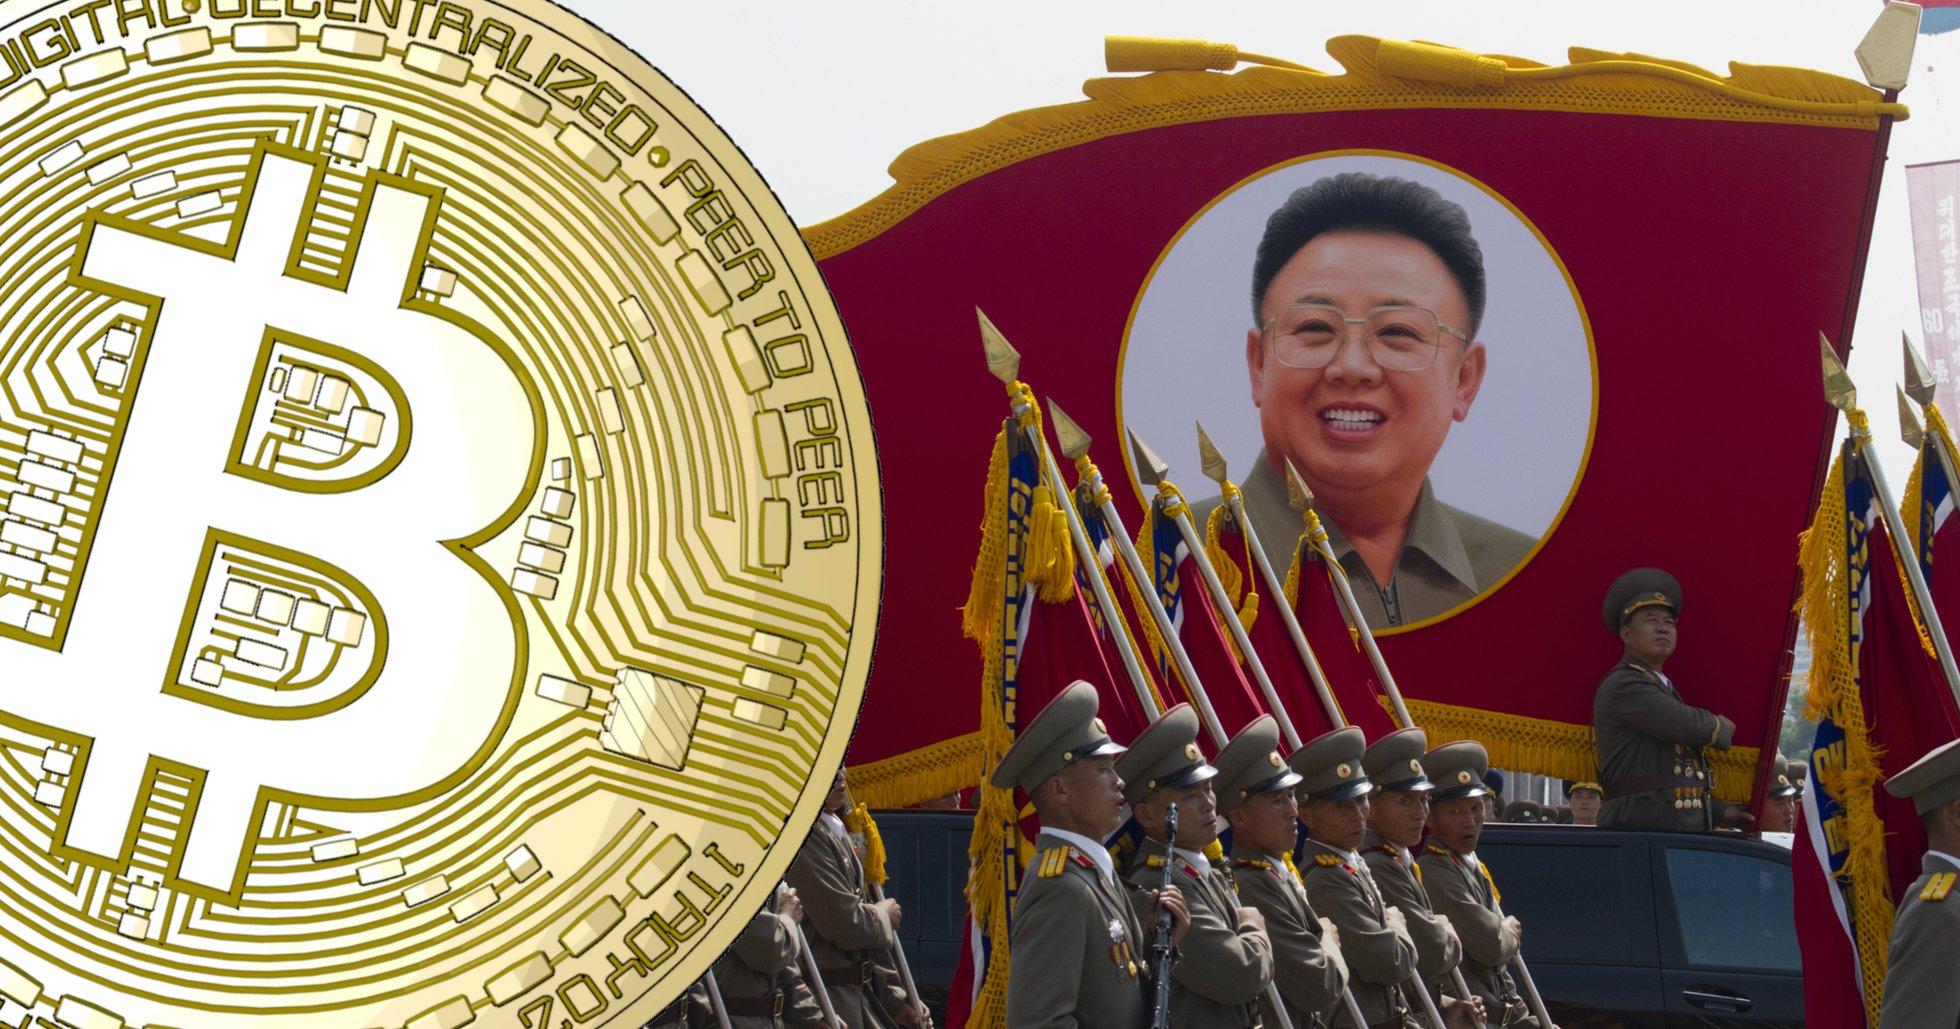 Nordkorea bygger egen kryptovaluta – för att kringgå sanktioner.